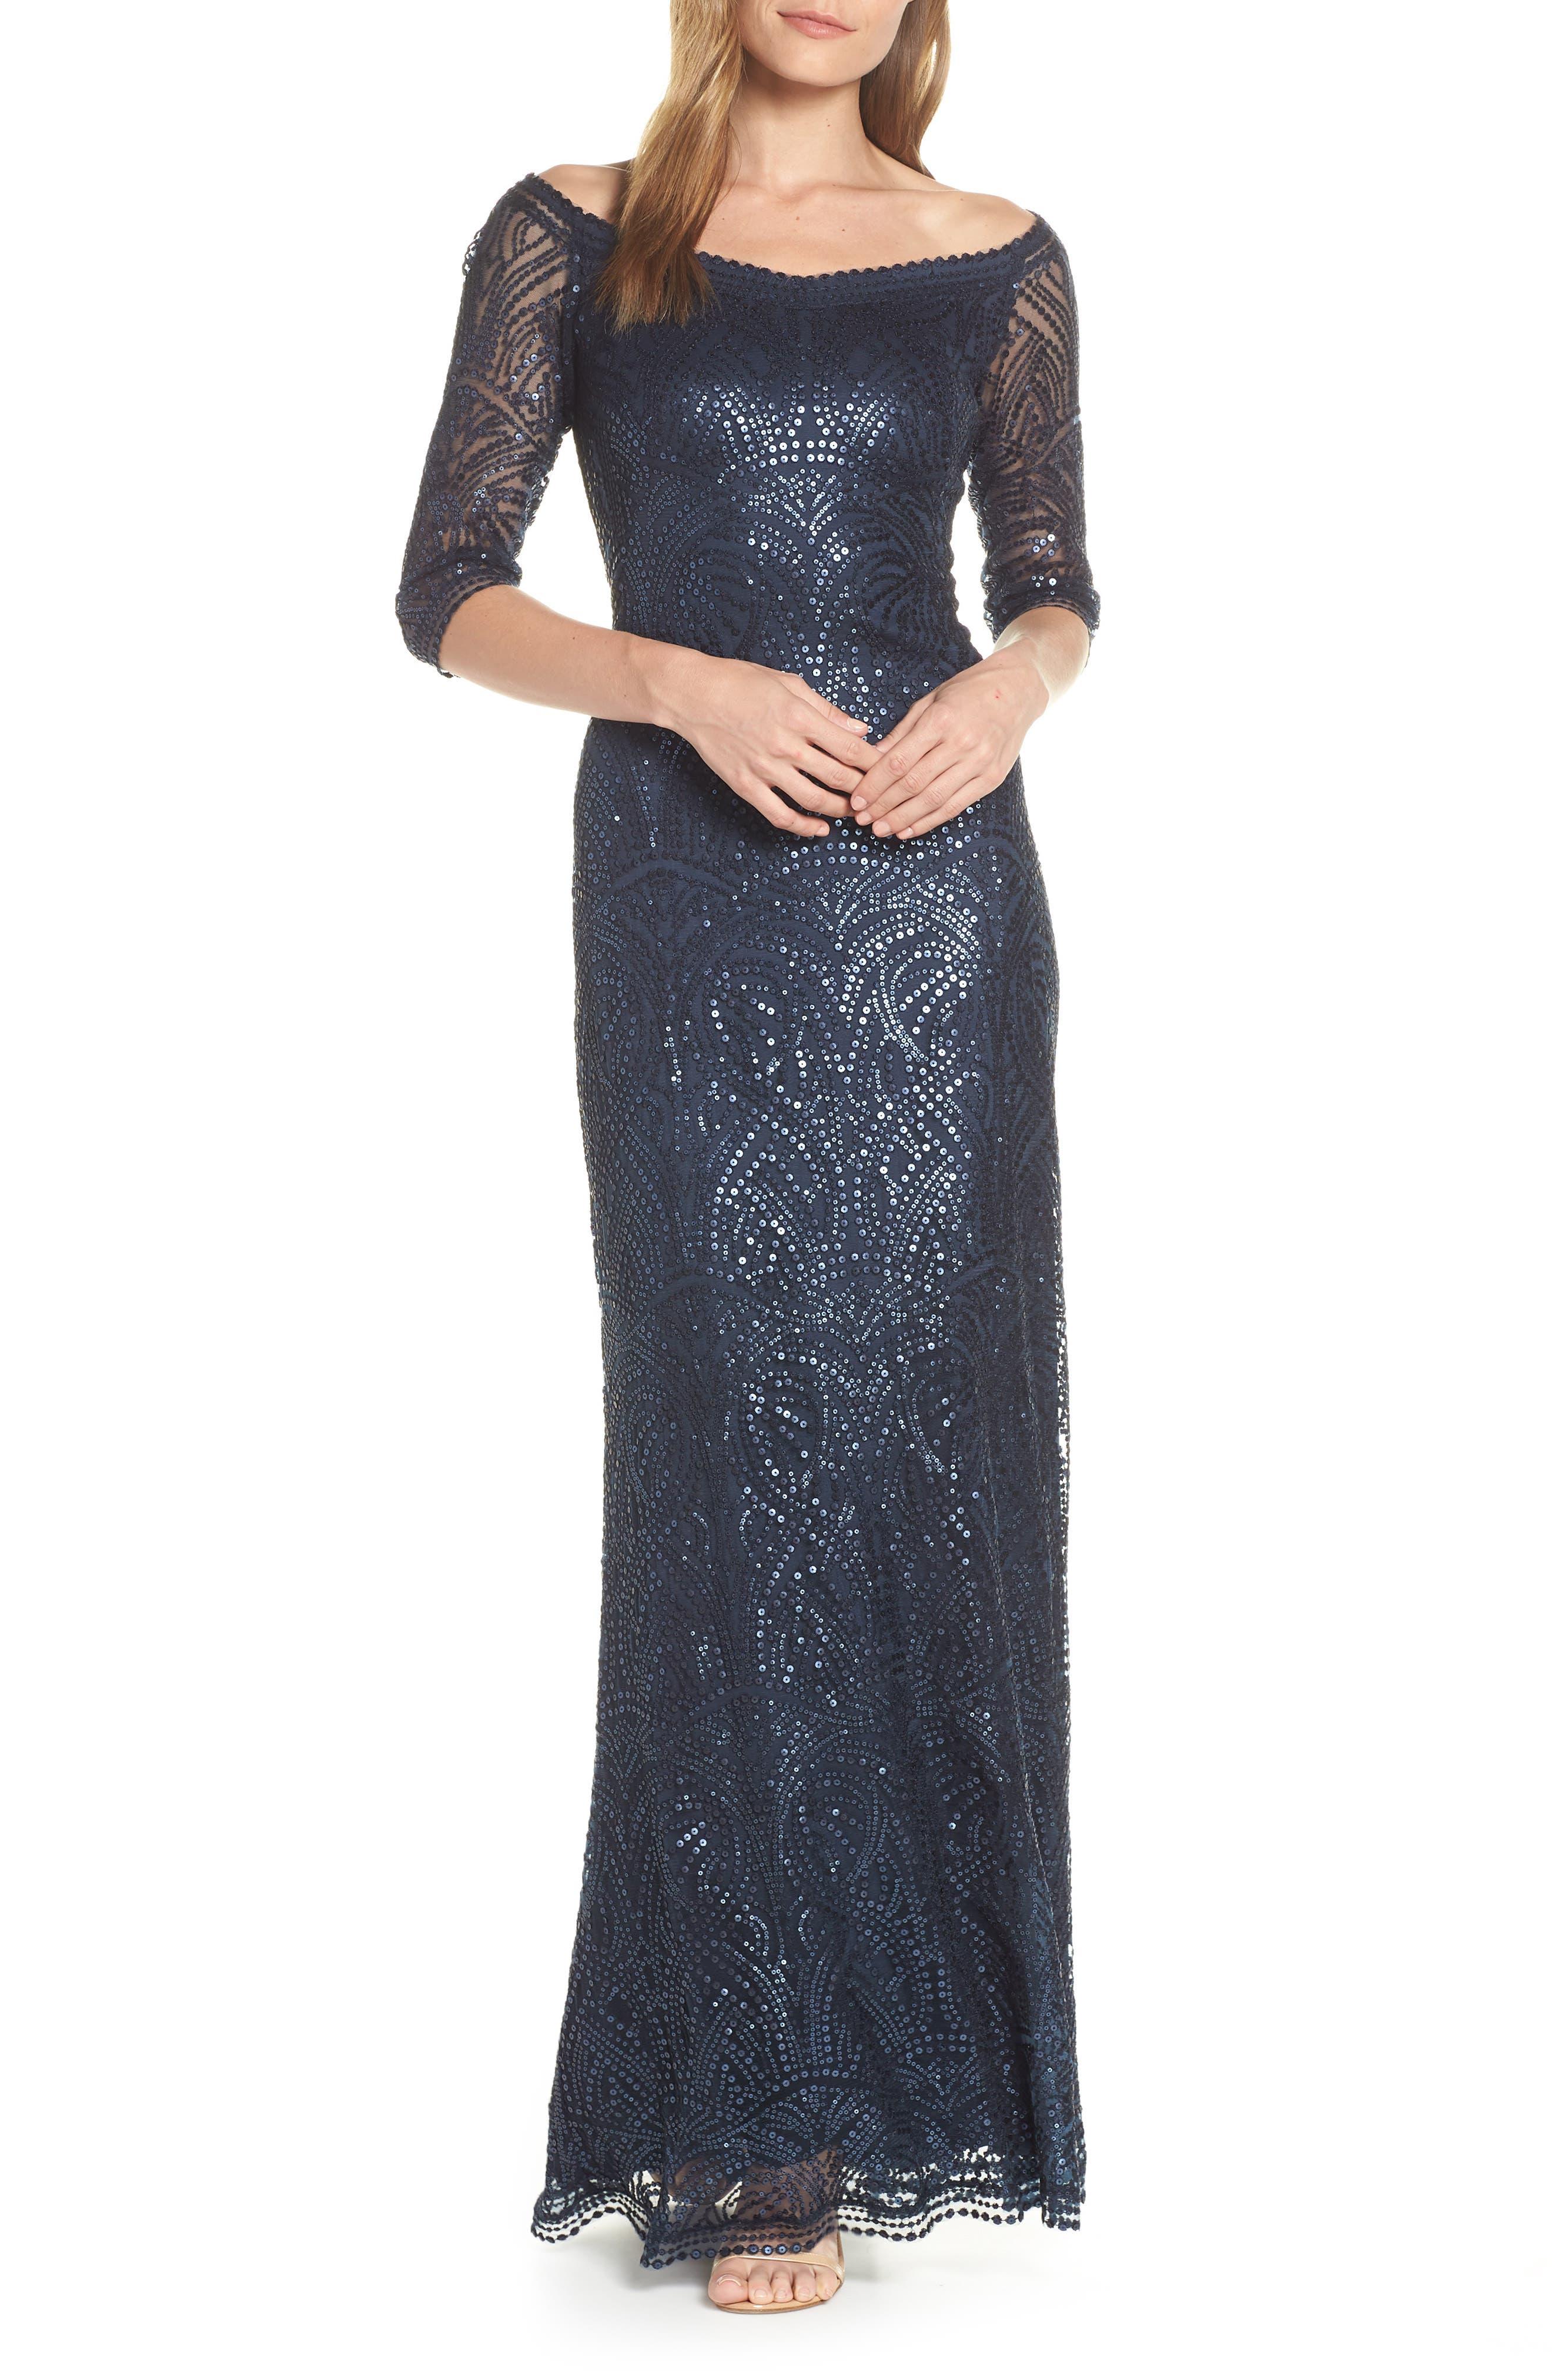 TADASHI SHOJI Sequin Off the Shoulder Evening Dress, Main, color, 410